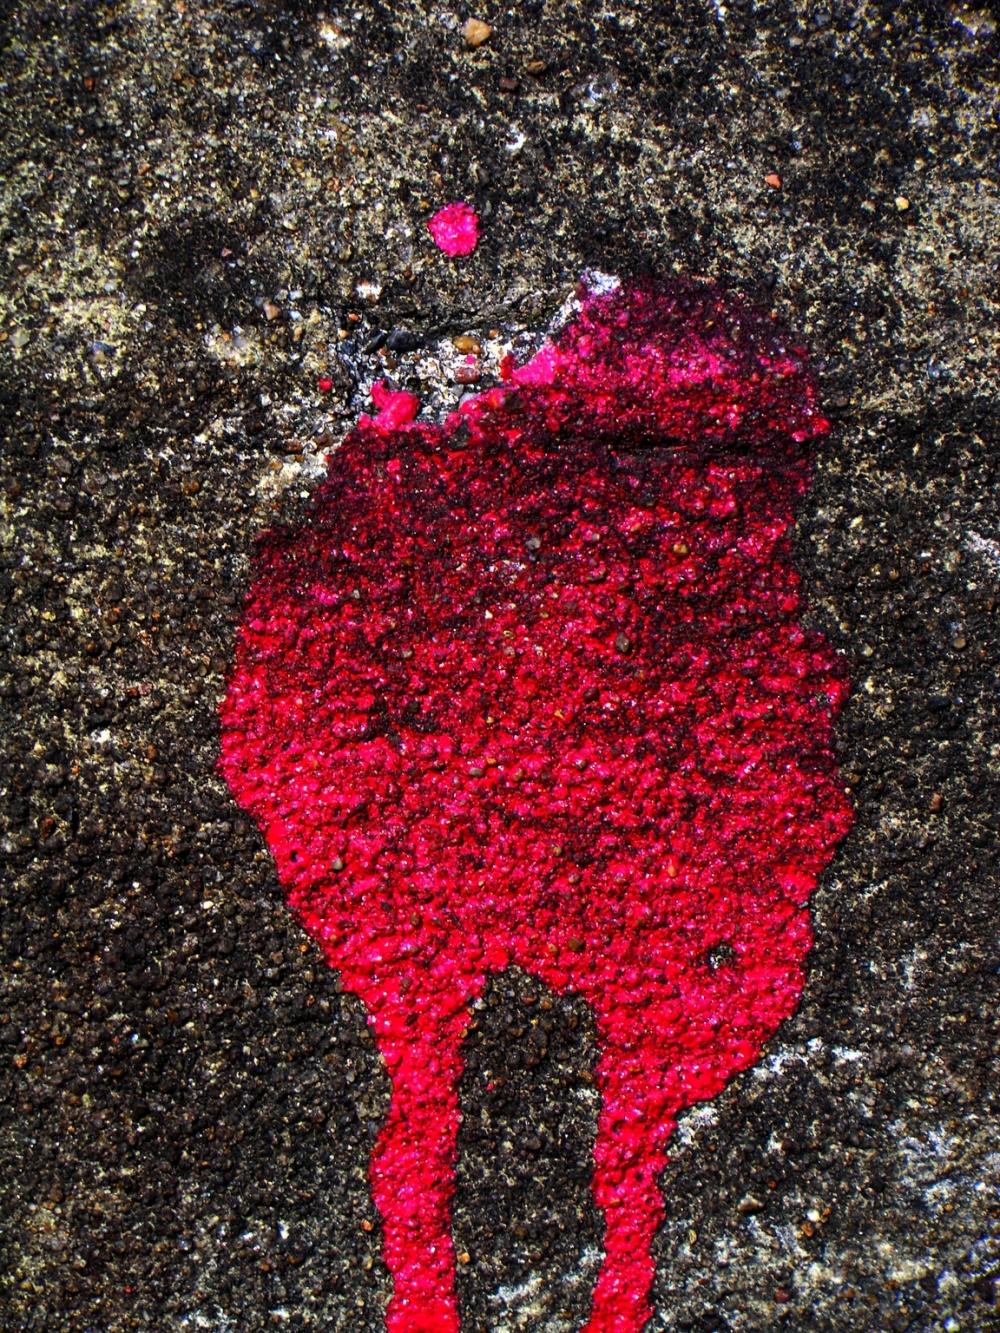 Le fil rouge de la vie et de l'art entre le temps